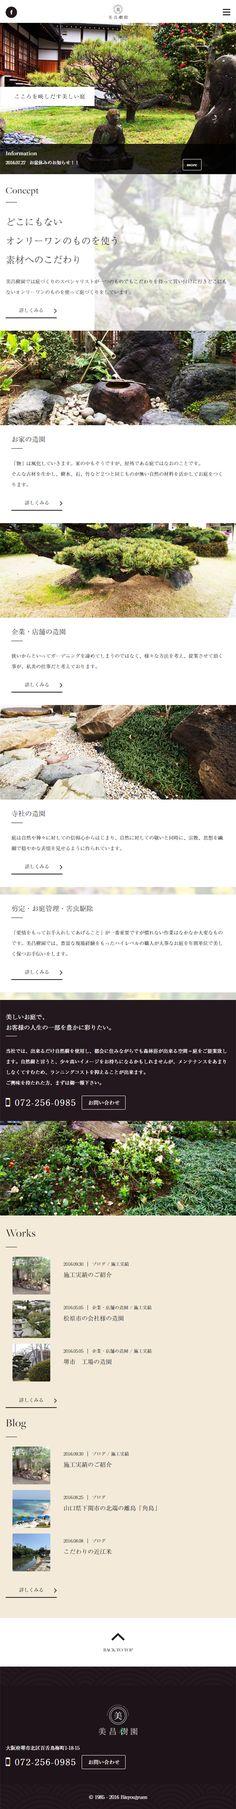 大阪府堺市北区の造園業【アウトドア関連】のLPデザイン。WEBデザイナーさん必見!スマホランディングページのデザイン参考に(シンプル系)